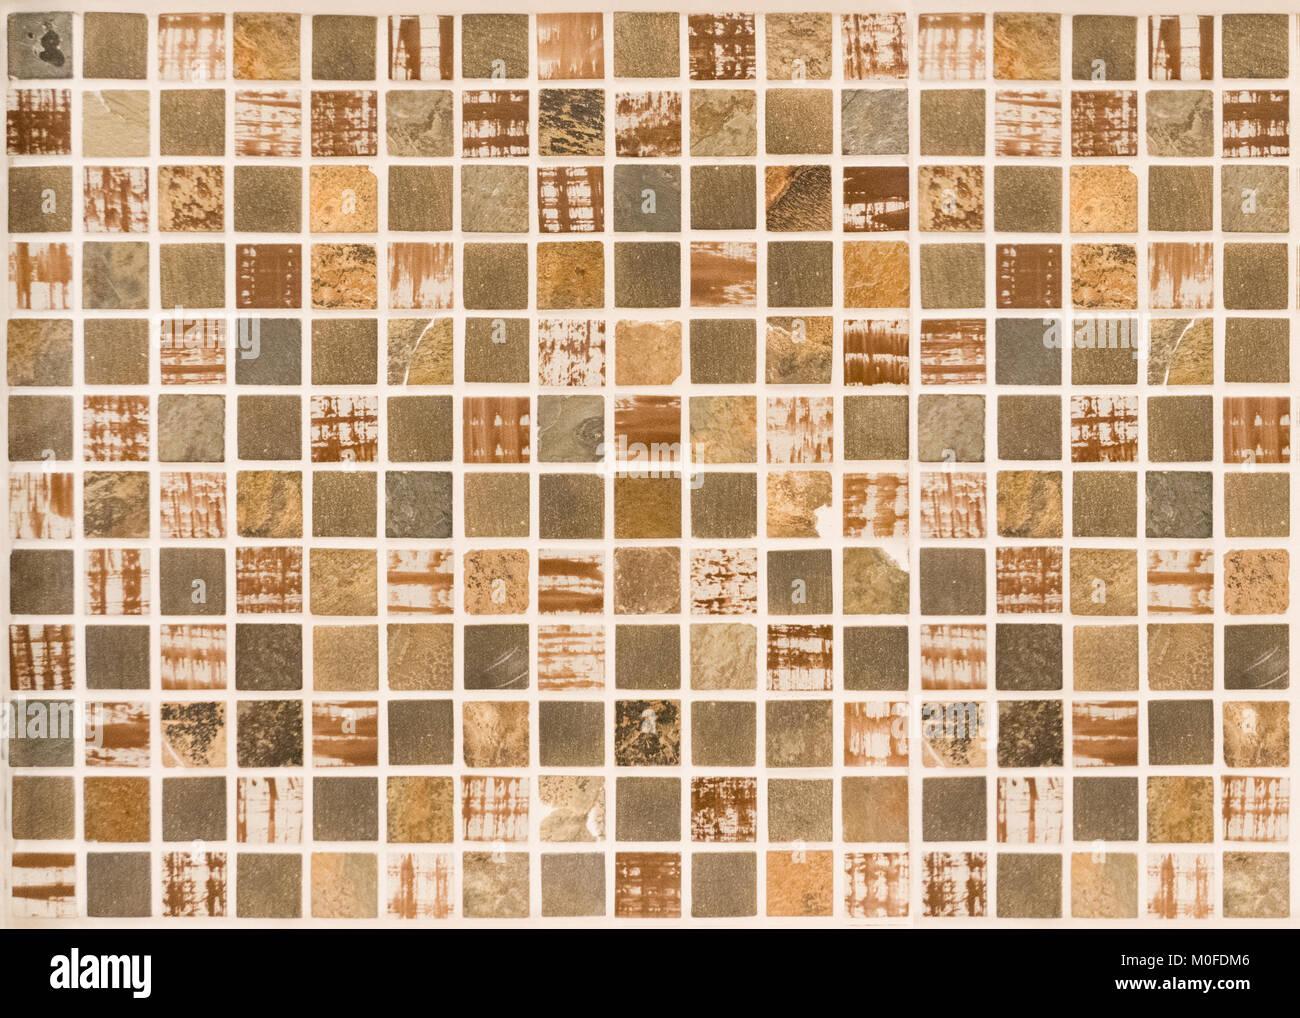 hintergrund: kleine braune mosaik fliesen im bad stockfoto, bild